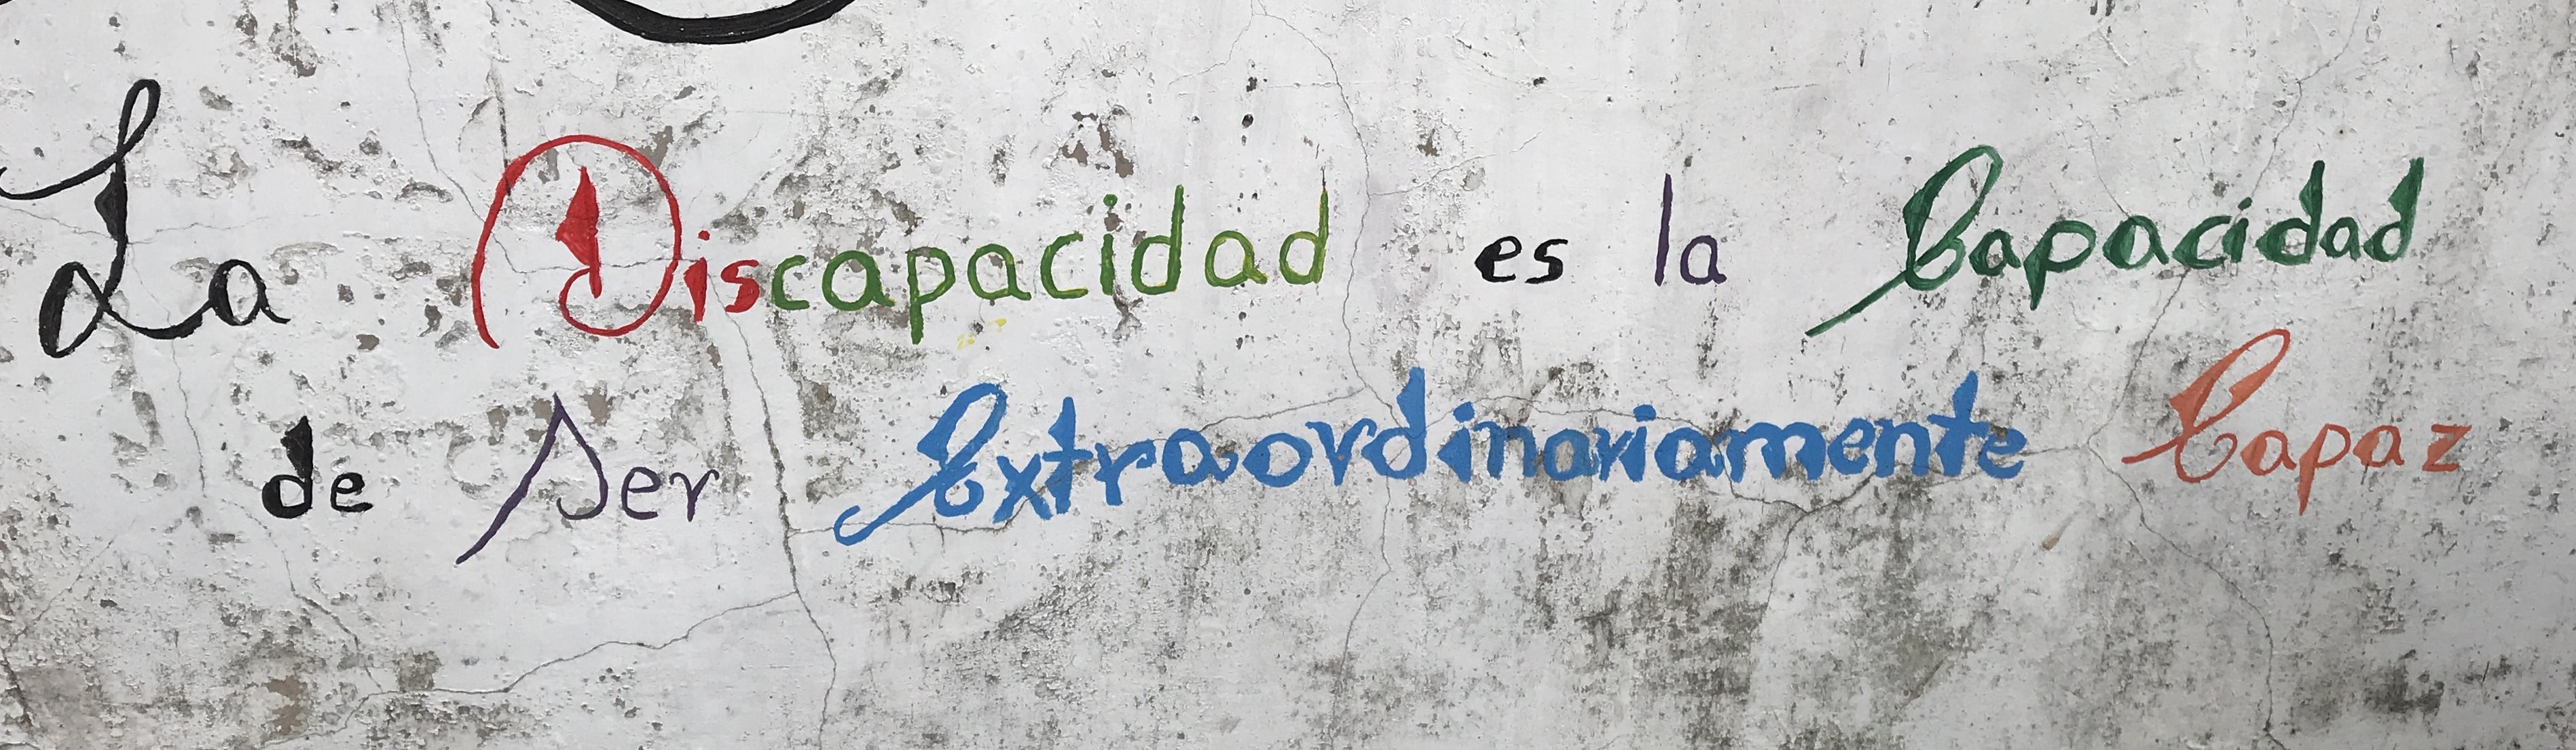 salinas graffiti.JPG